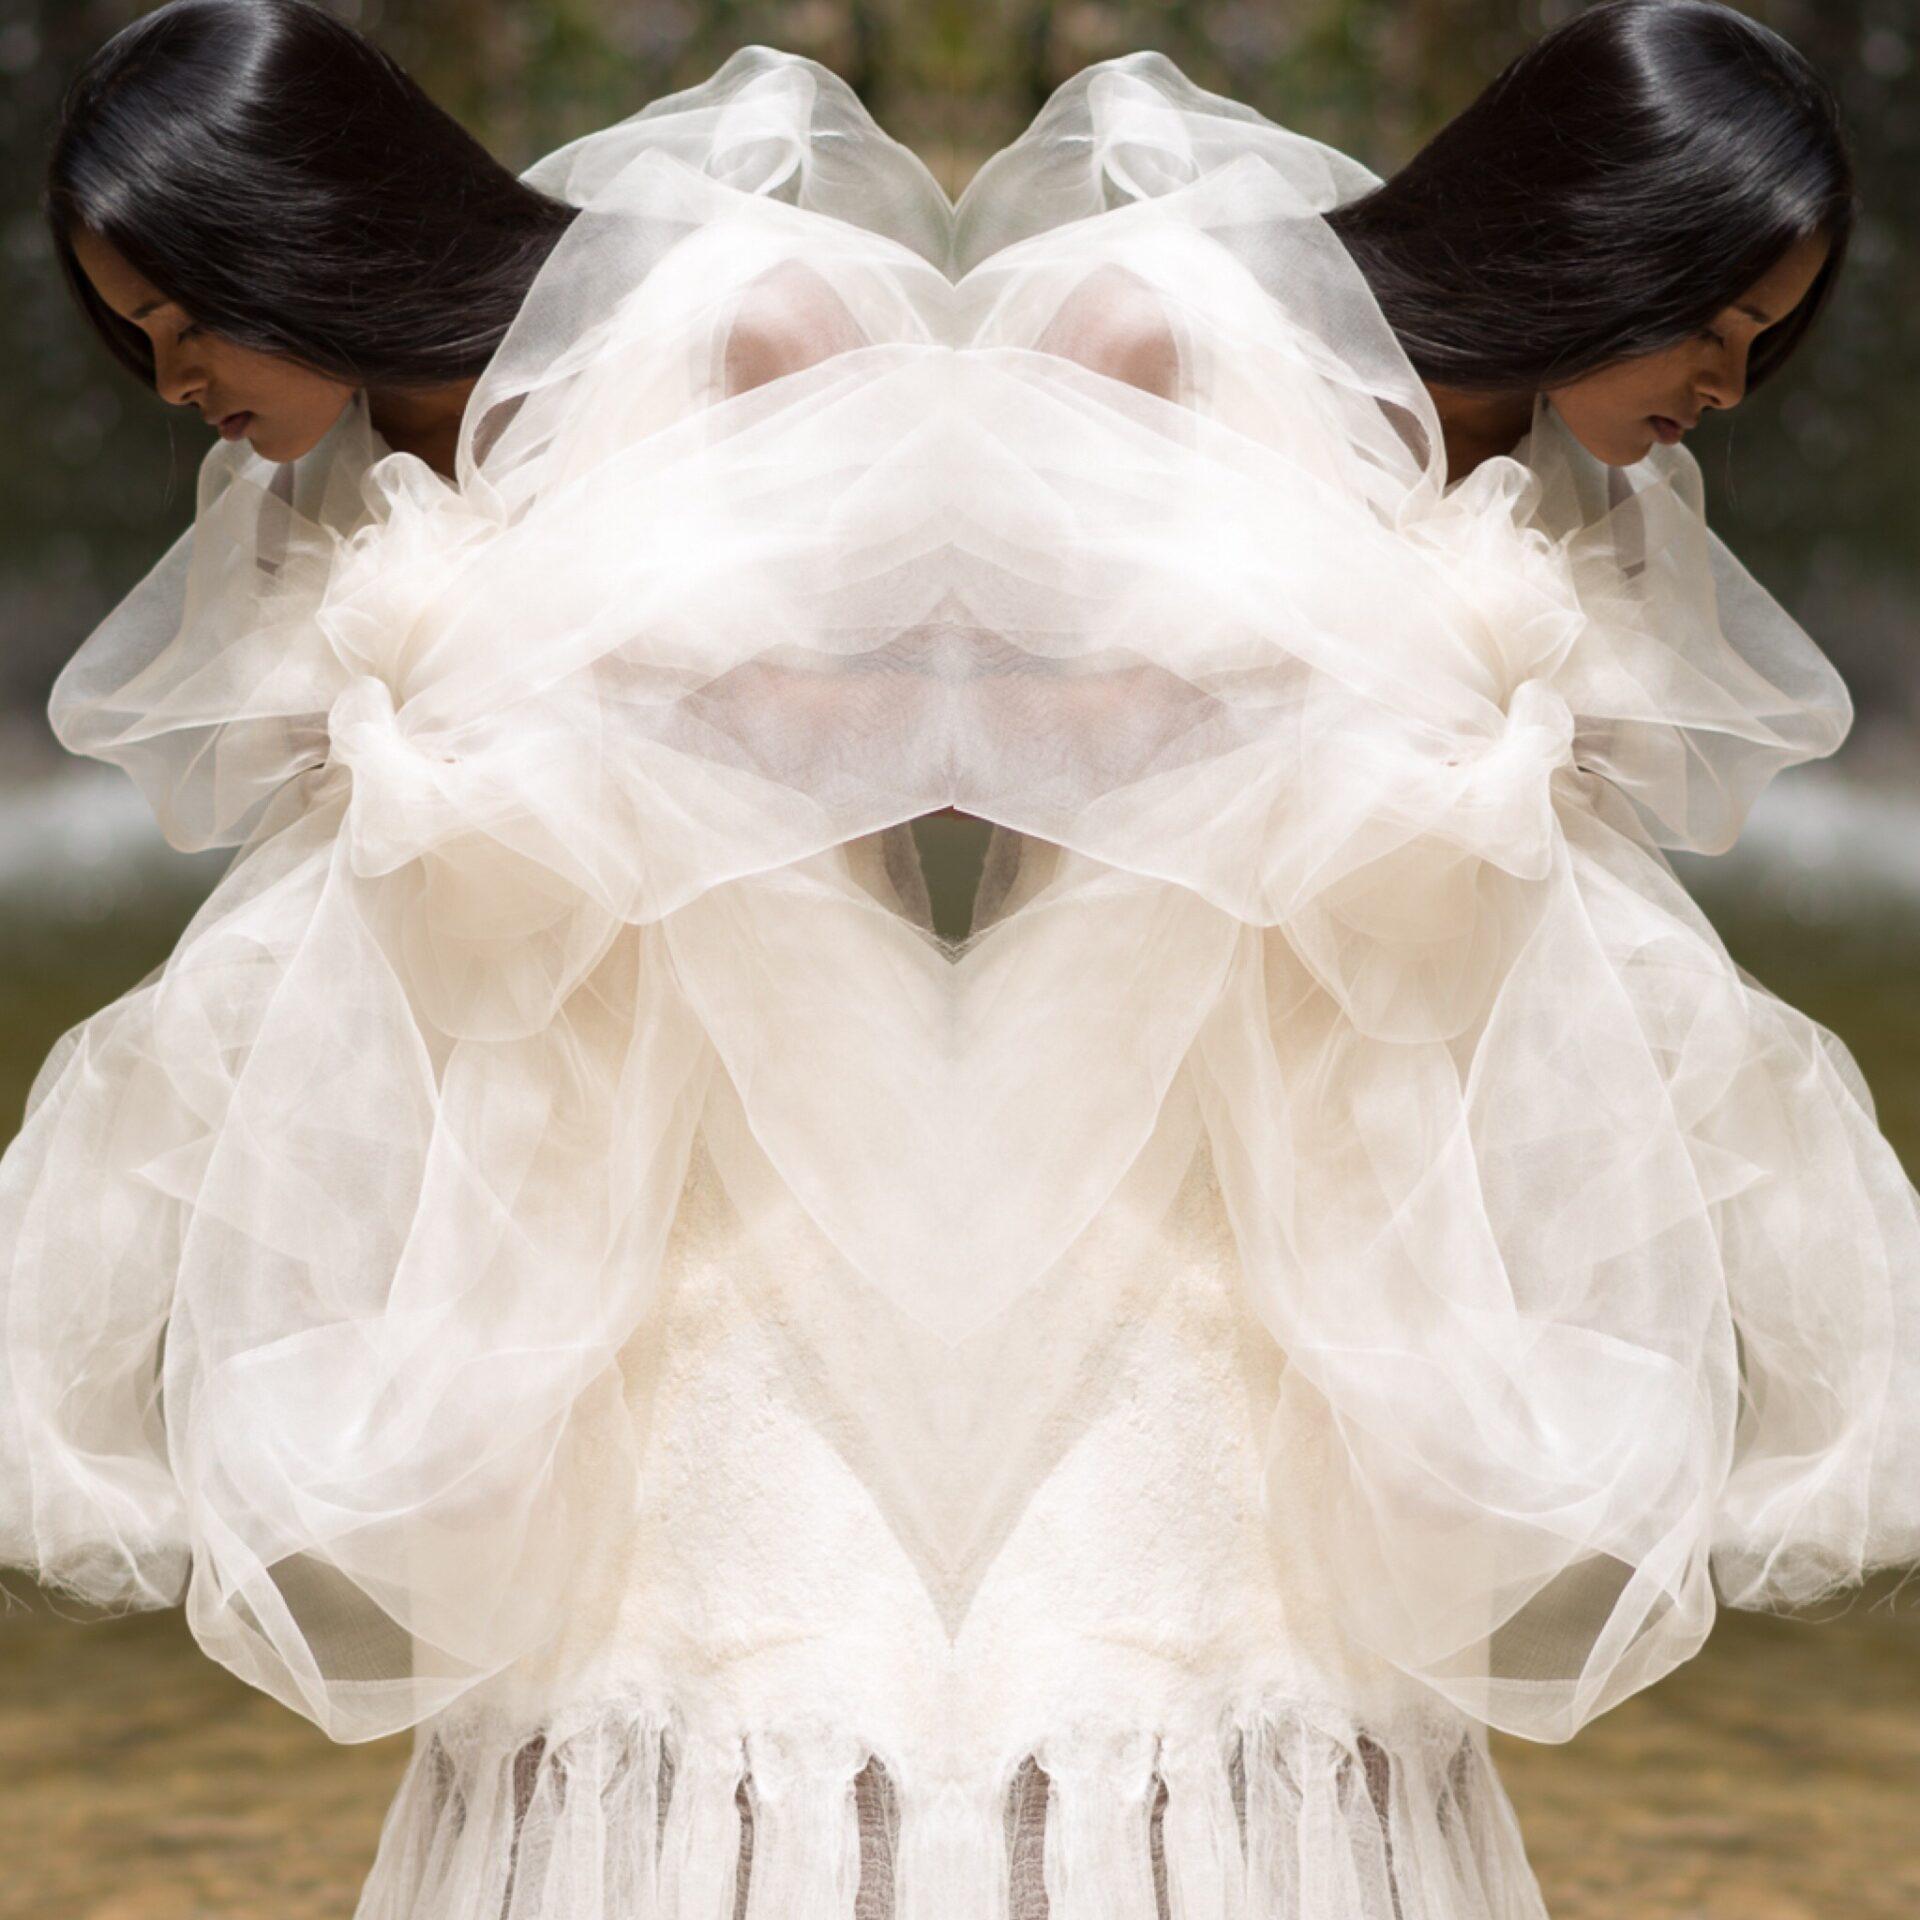 Weddingdress felted with wool an silk, Hochzeitskleid aus gefilzter Wolle und Seide